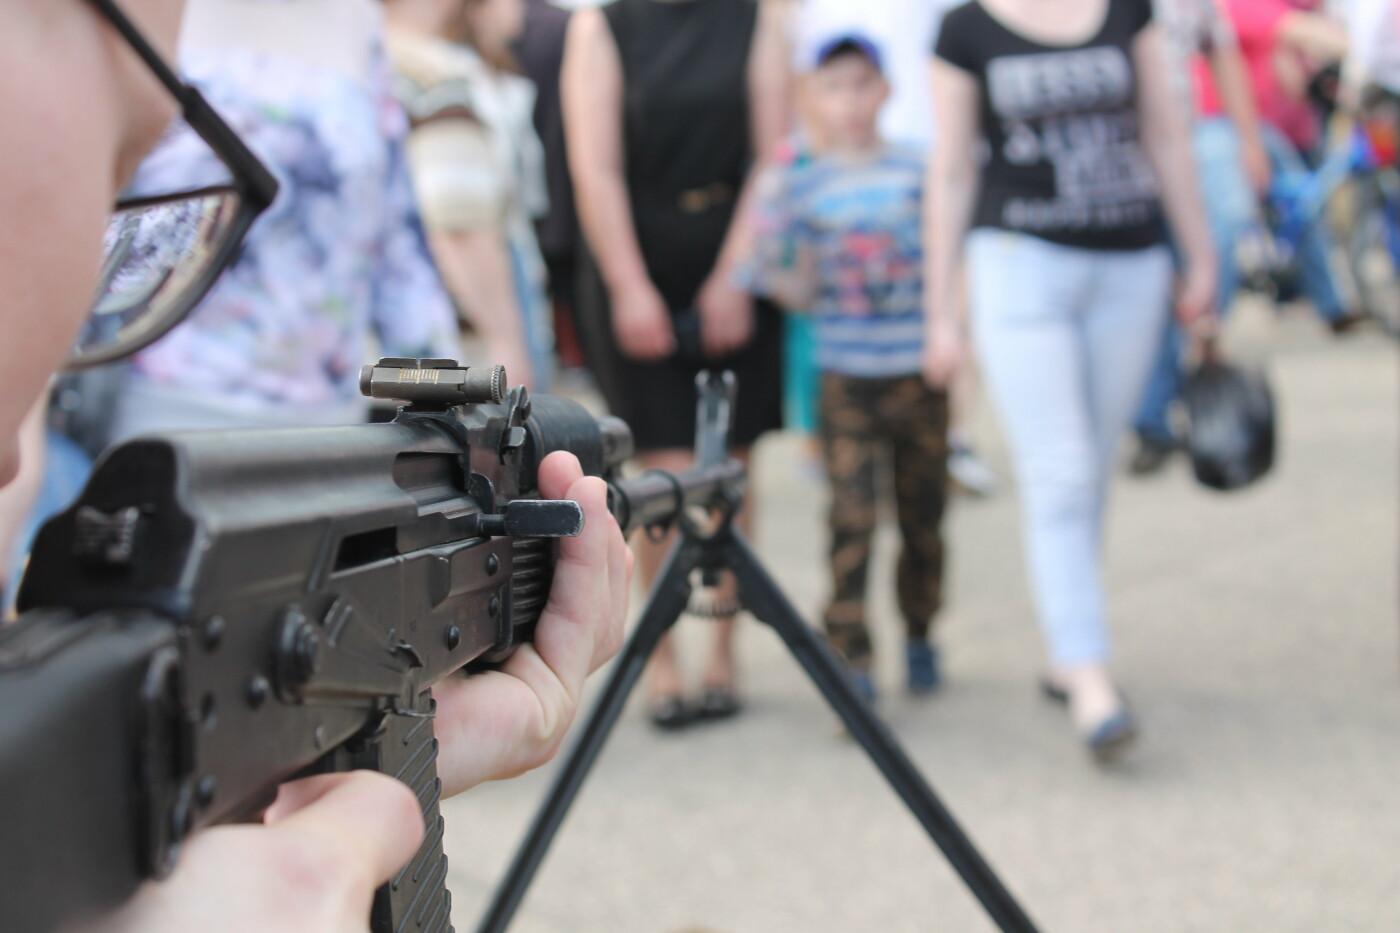 Макет ручного пулемета Калашникова, Анна Хайрова